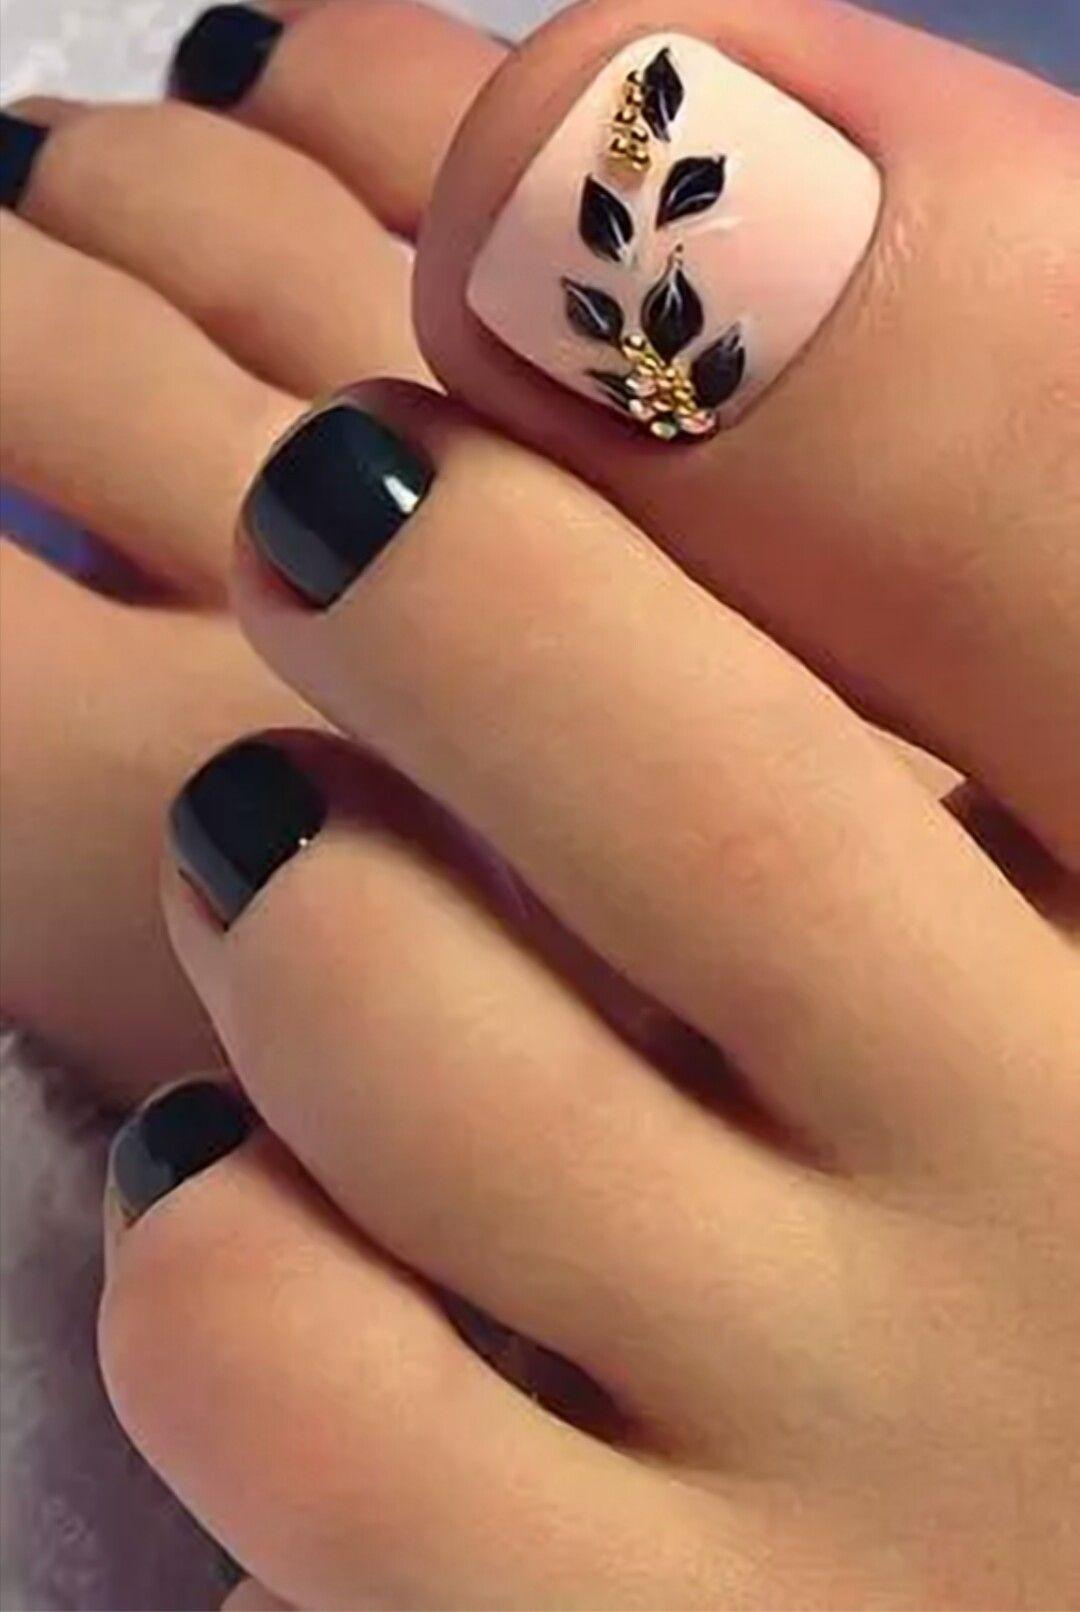 Pin de Lidia Hernández Cano en Uñas | Pinterest | Diseños de uñas ...